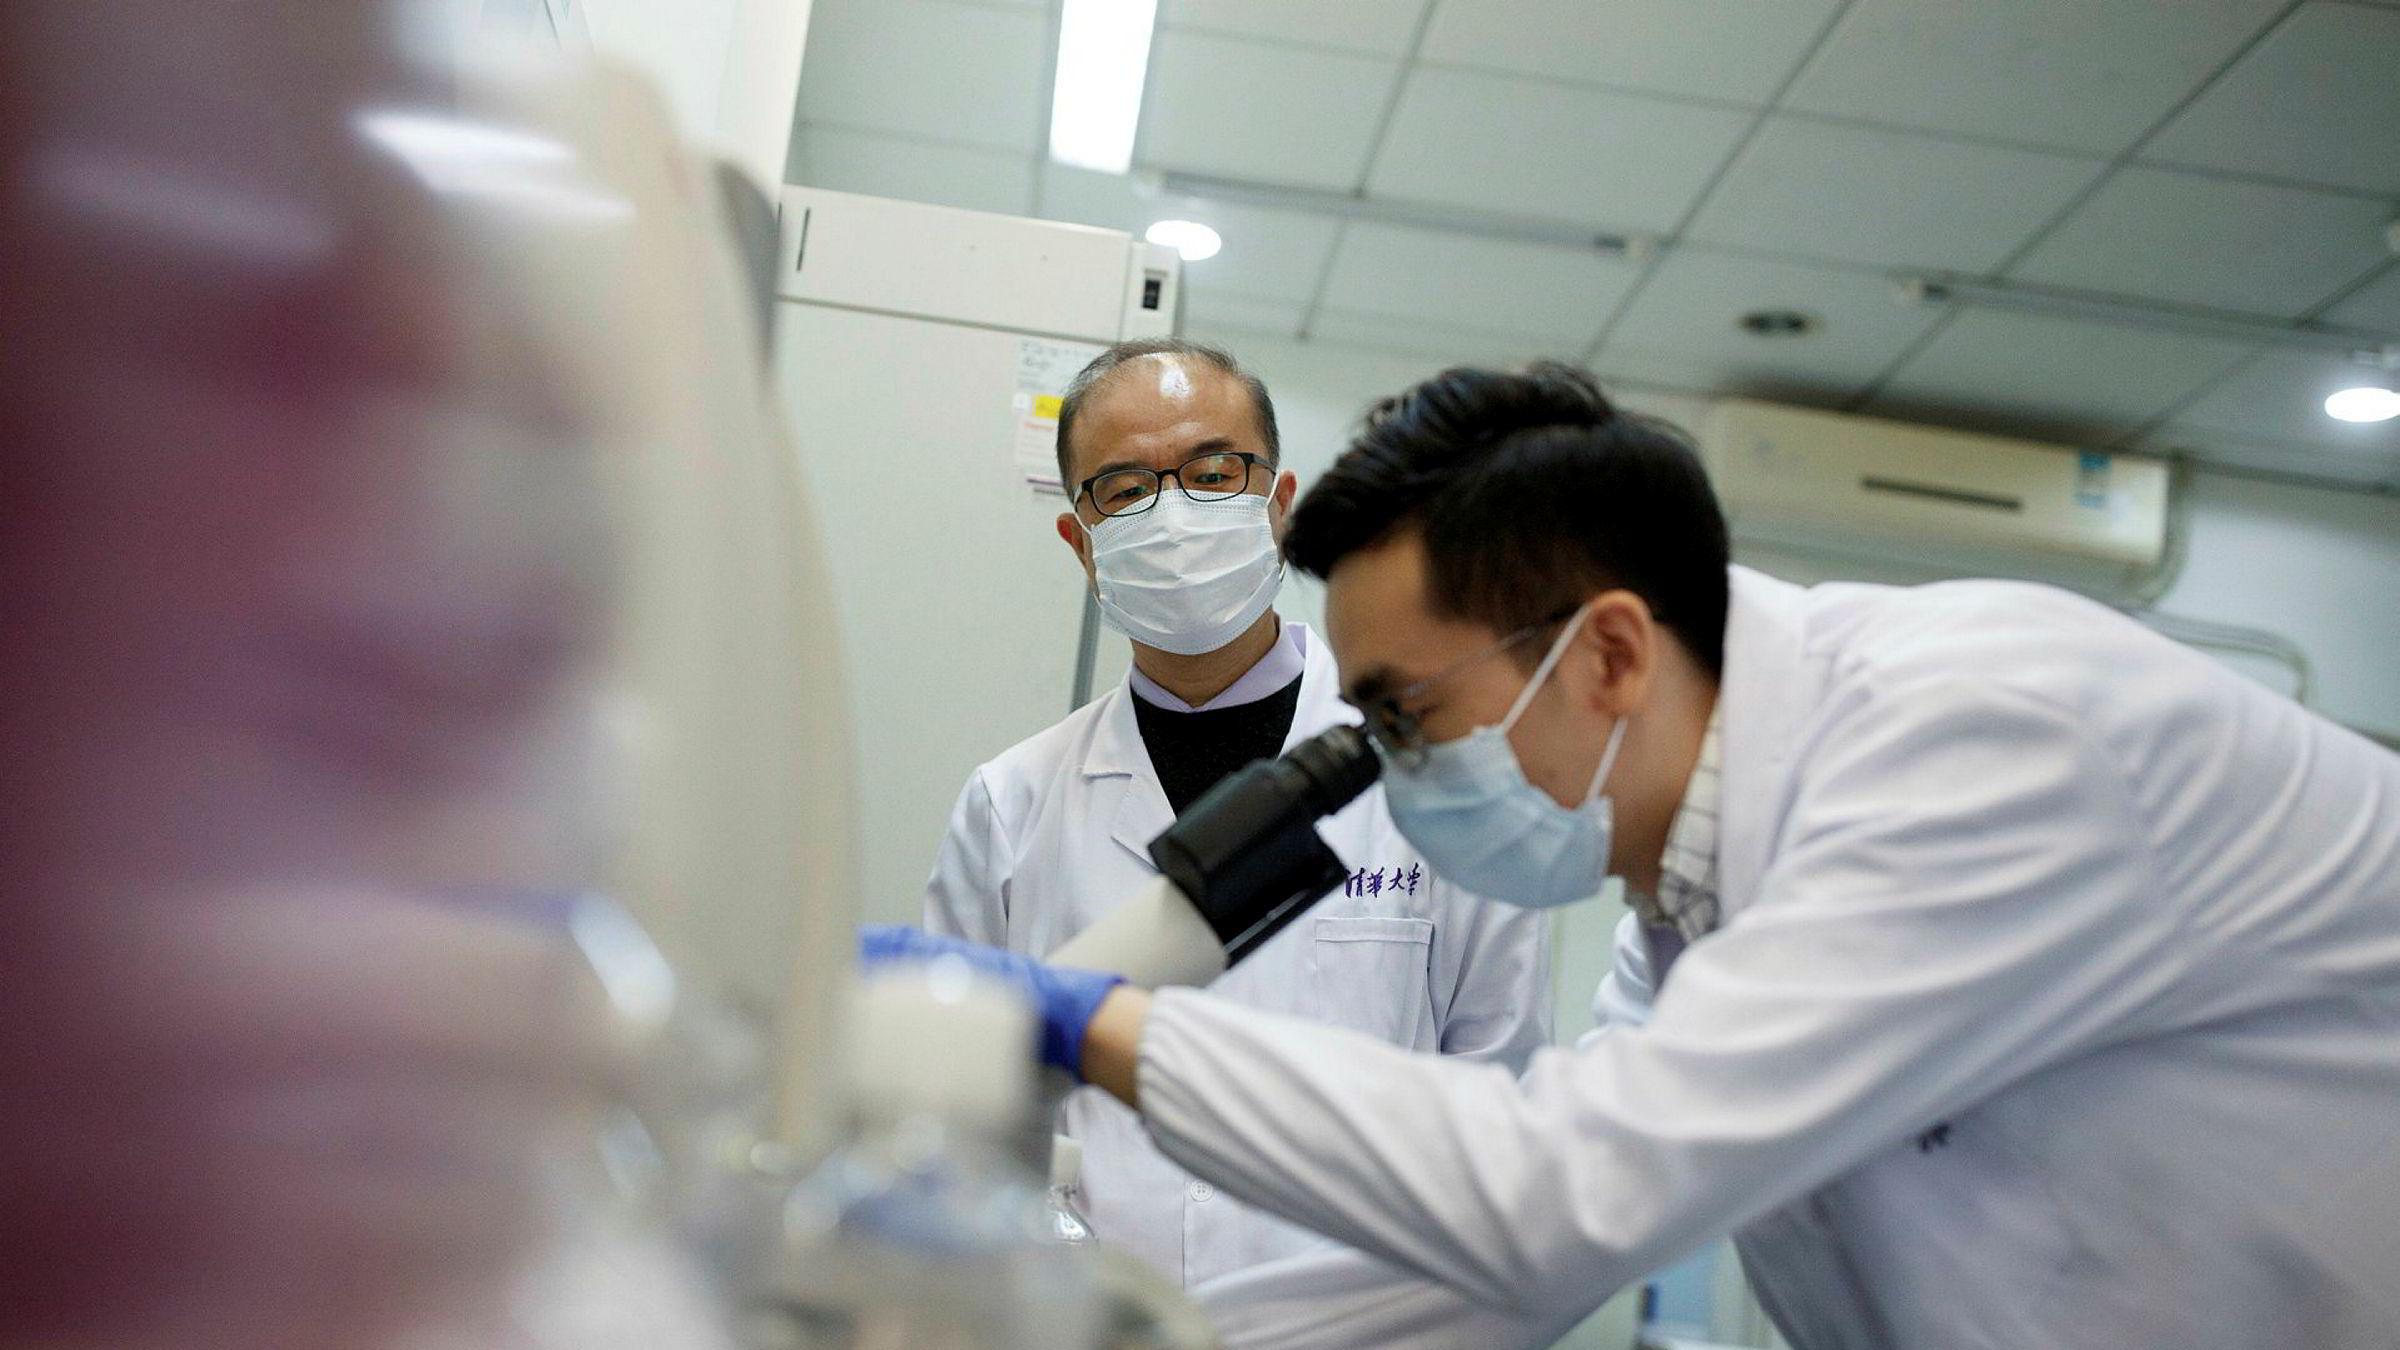 Globaliseringen gjør at vi kan vente at nye medisiner utvikles så raskt som mulig og blir raskt globalt tilgjengelig, skriver Steinar Juel. Her pågår arbeid med utvikling av koronavirusvaksine ved Tsinghua-universitetet i Beijing i Kina.